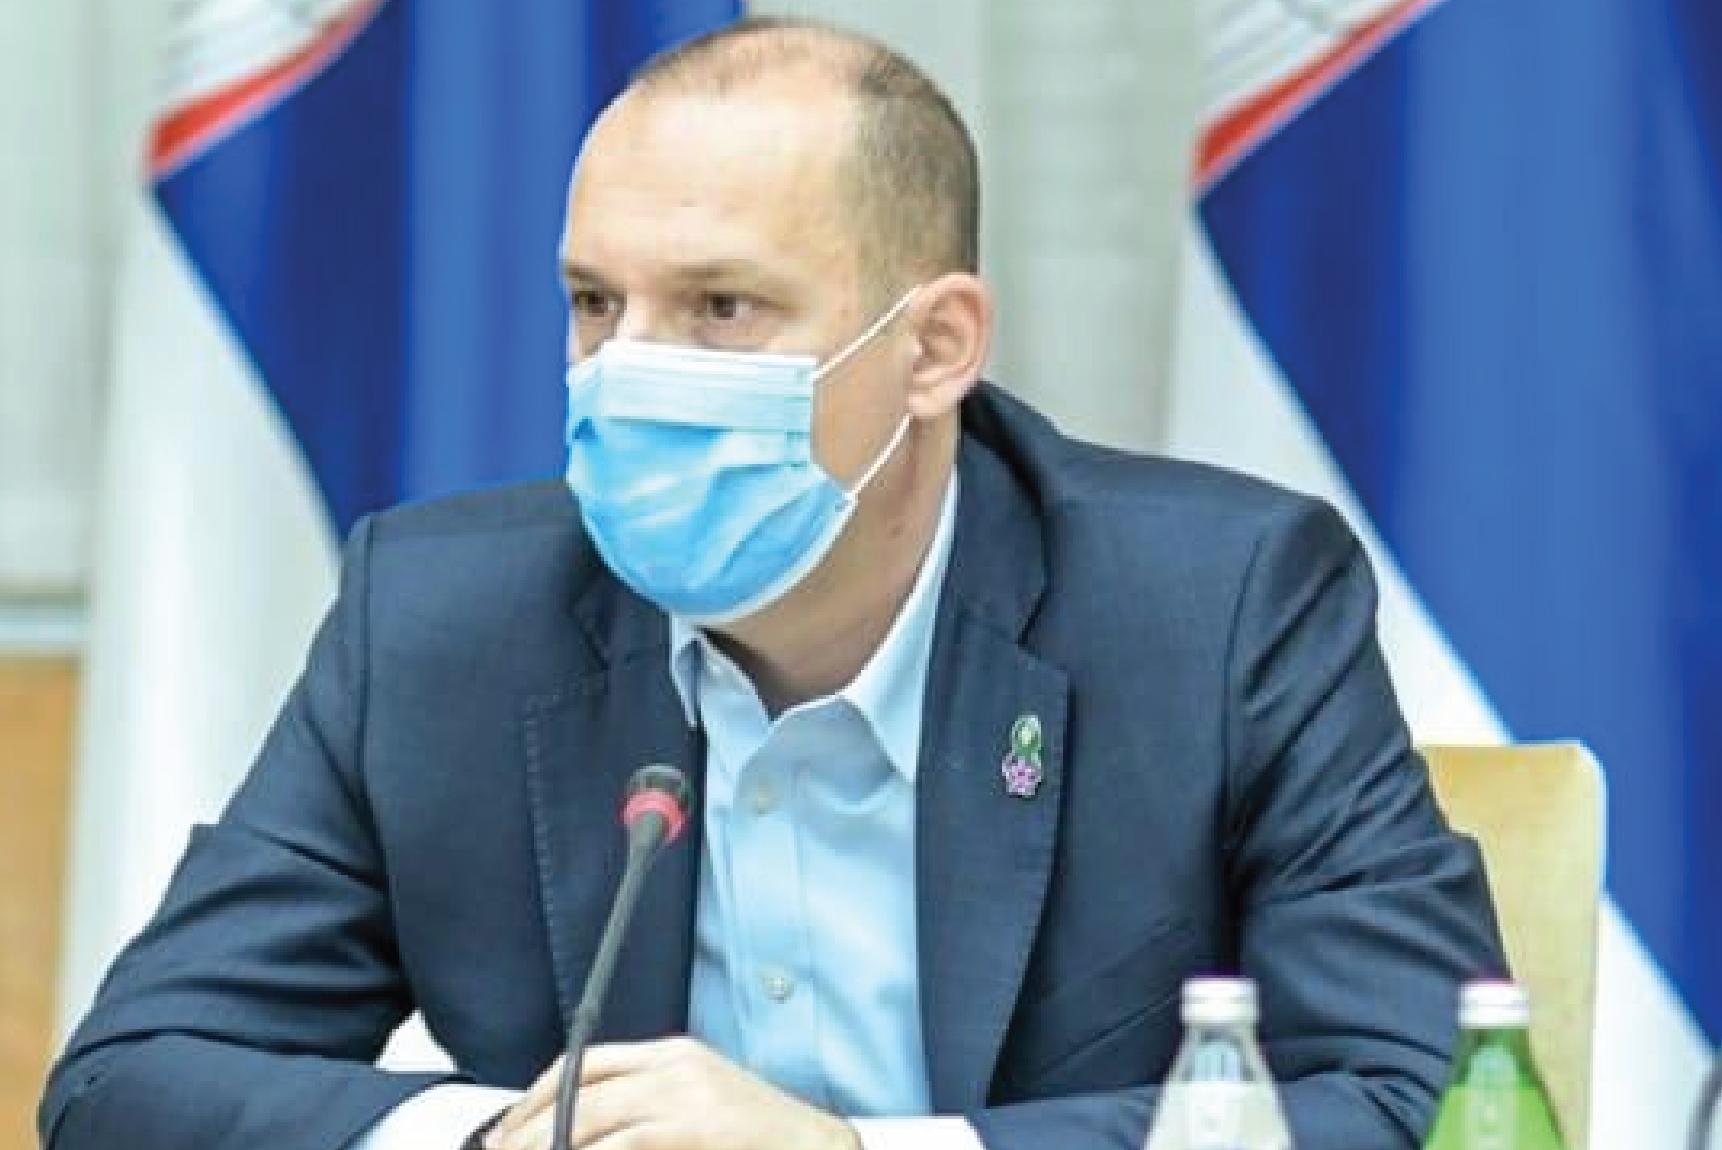 Лончар: Нападнута докторка на Инфективној клиници